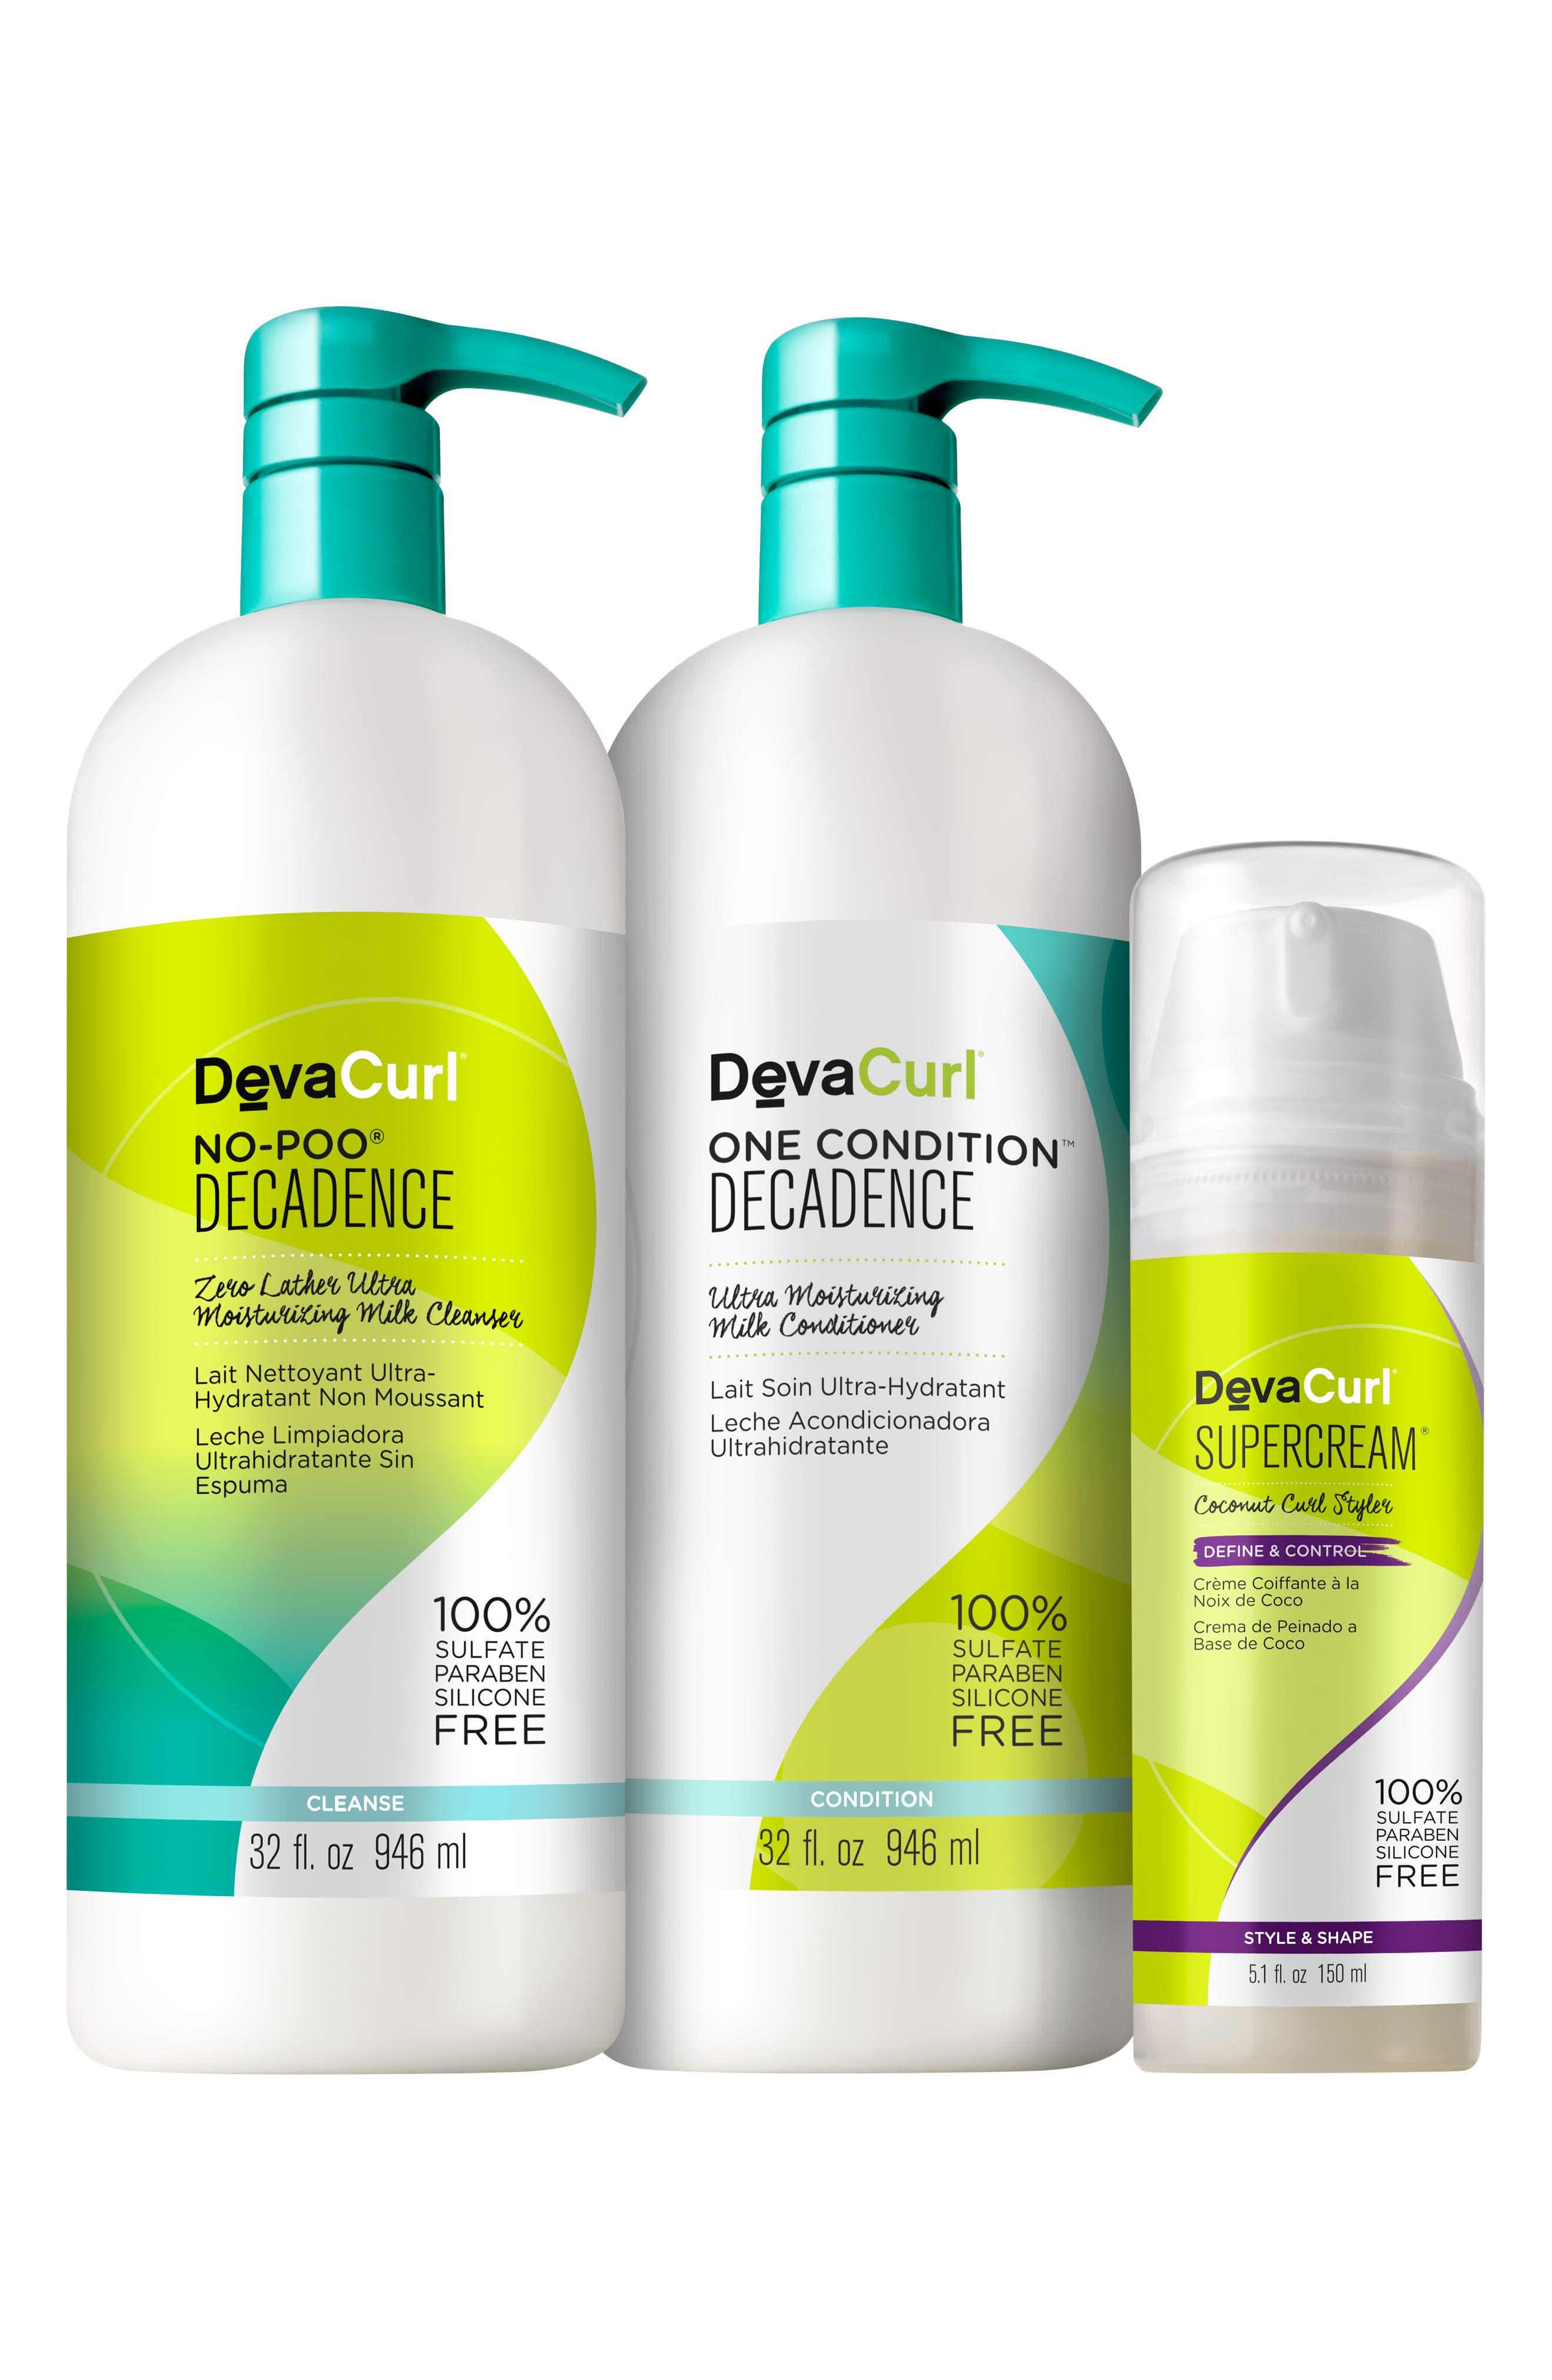 Devacurl BIGGER BETTER BASICS FOR SUPER CURLY HAIR SET